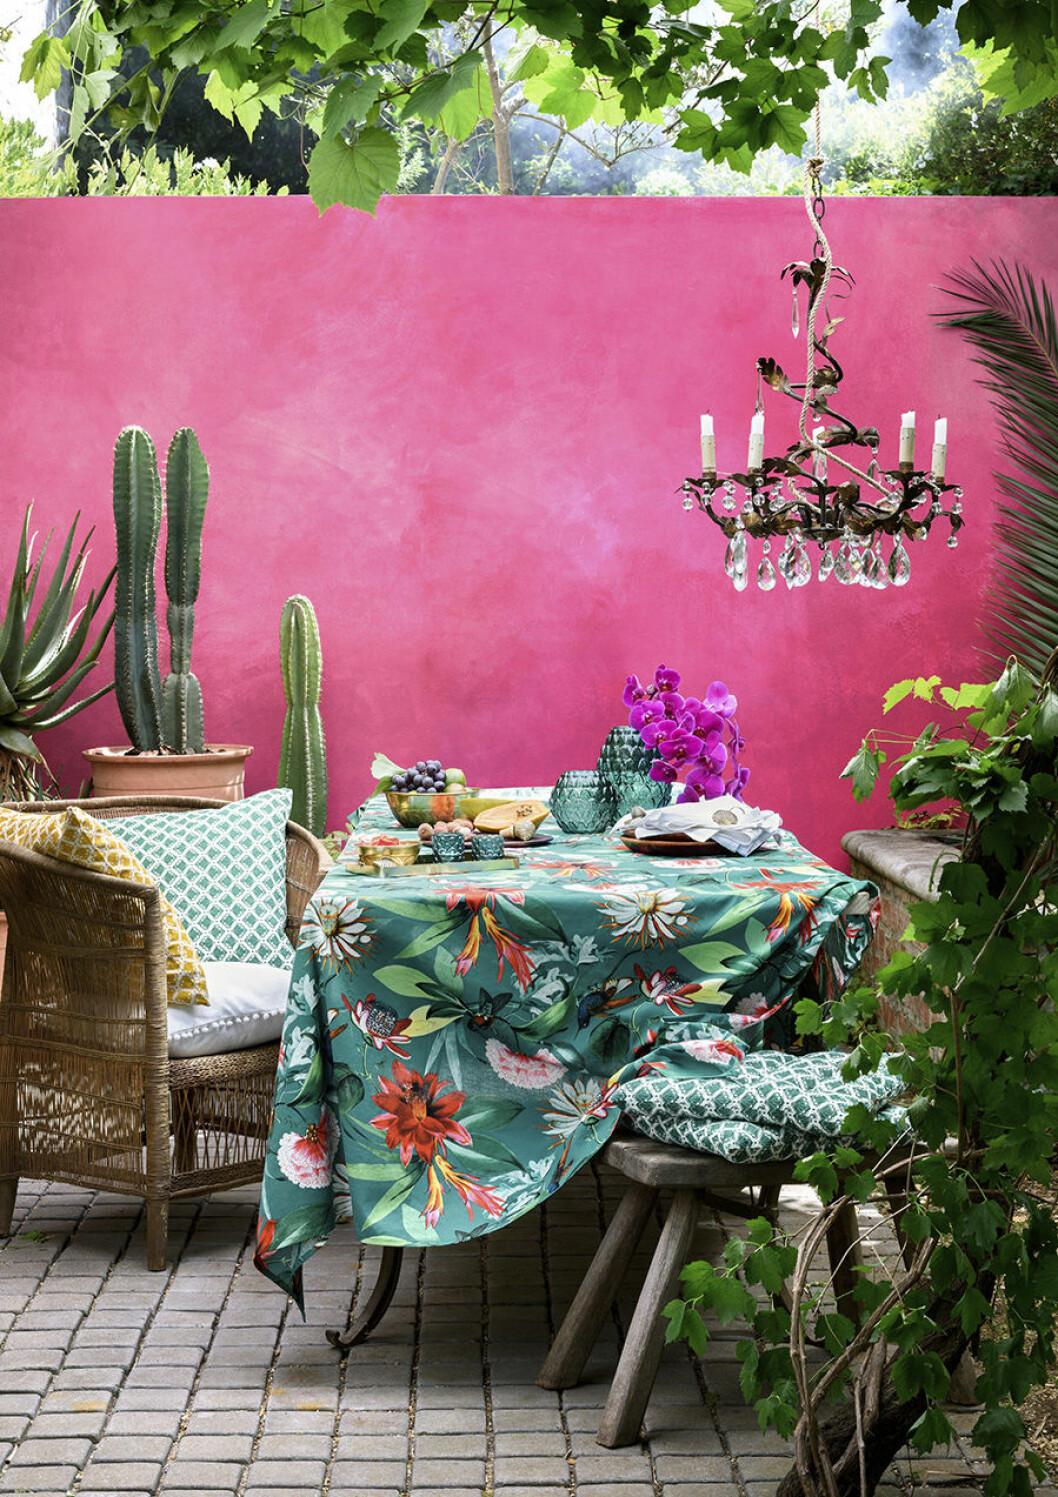 Skapa tropisk känsla på uteplatsen med växter, mönster och färg